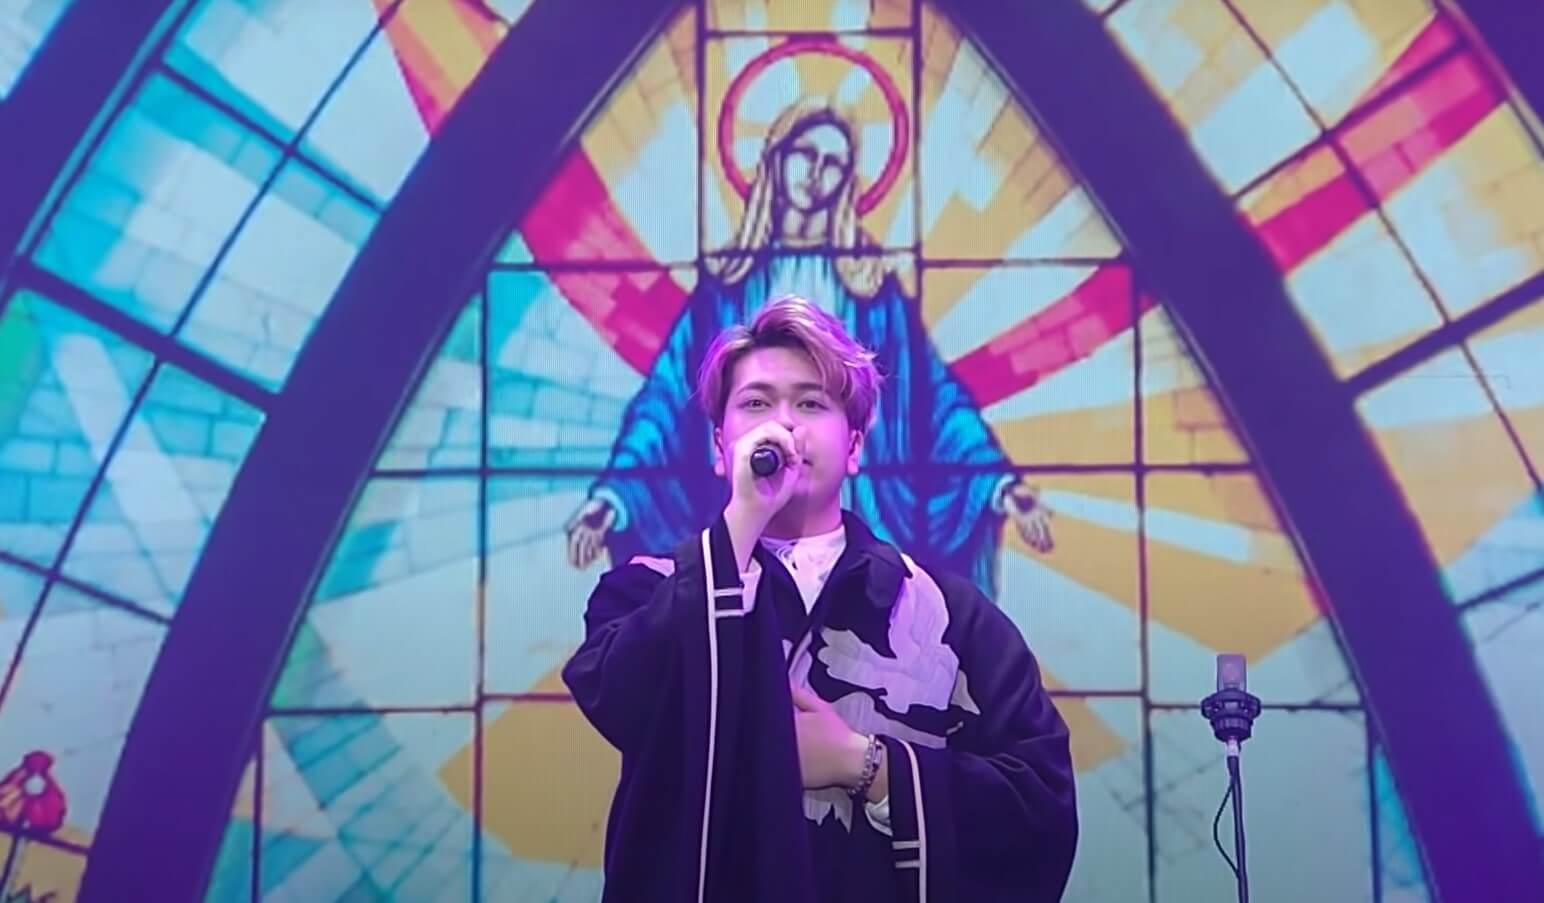 第二屆《造星》總決賽參賽者Hugo表演自己創 作的歌曲〈山下見〉,切中時弊,感動不少人。